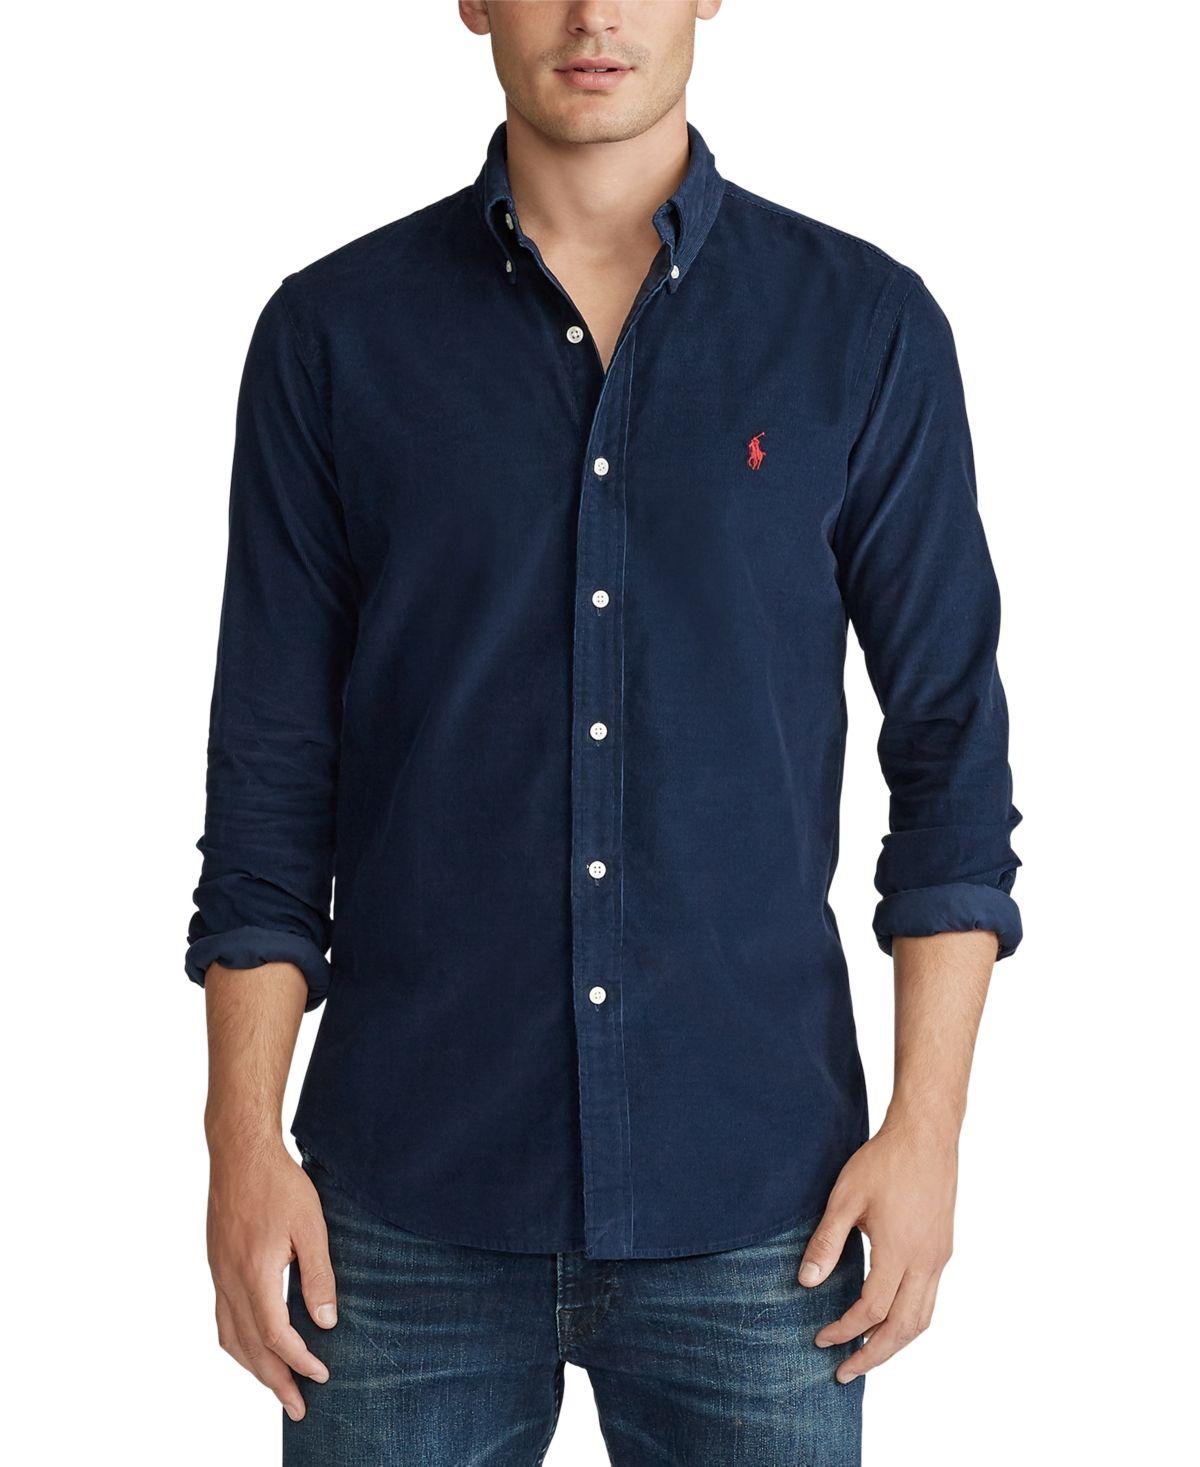 Polo Ralph Lauren Men's Big & Tall Wale Corduroy Sport Shirt & Reviews - Casual Button-Down Shirts - Men - Macy's #shirtsale